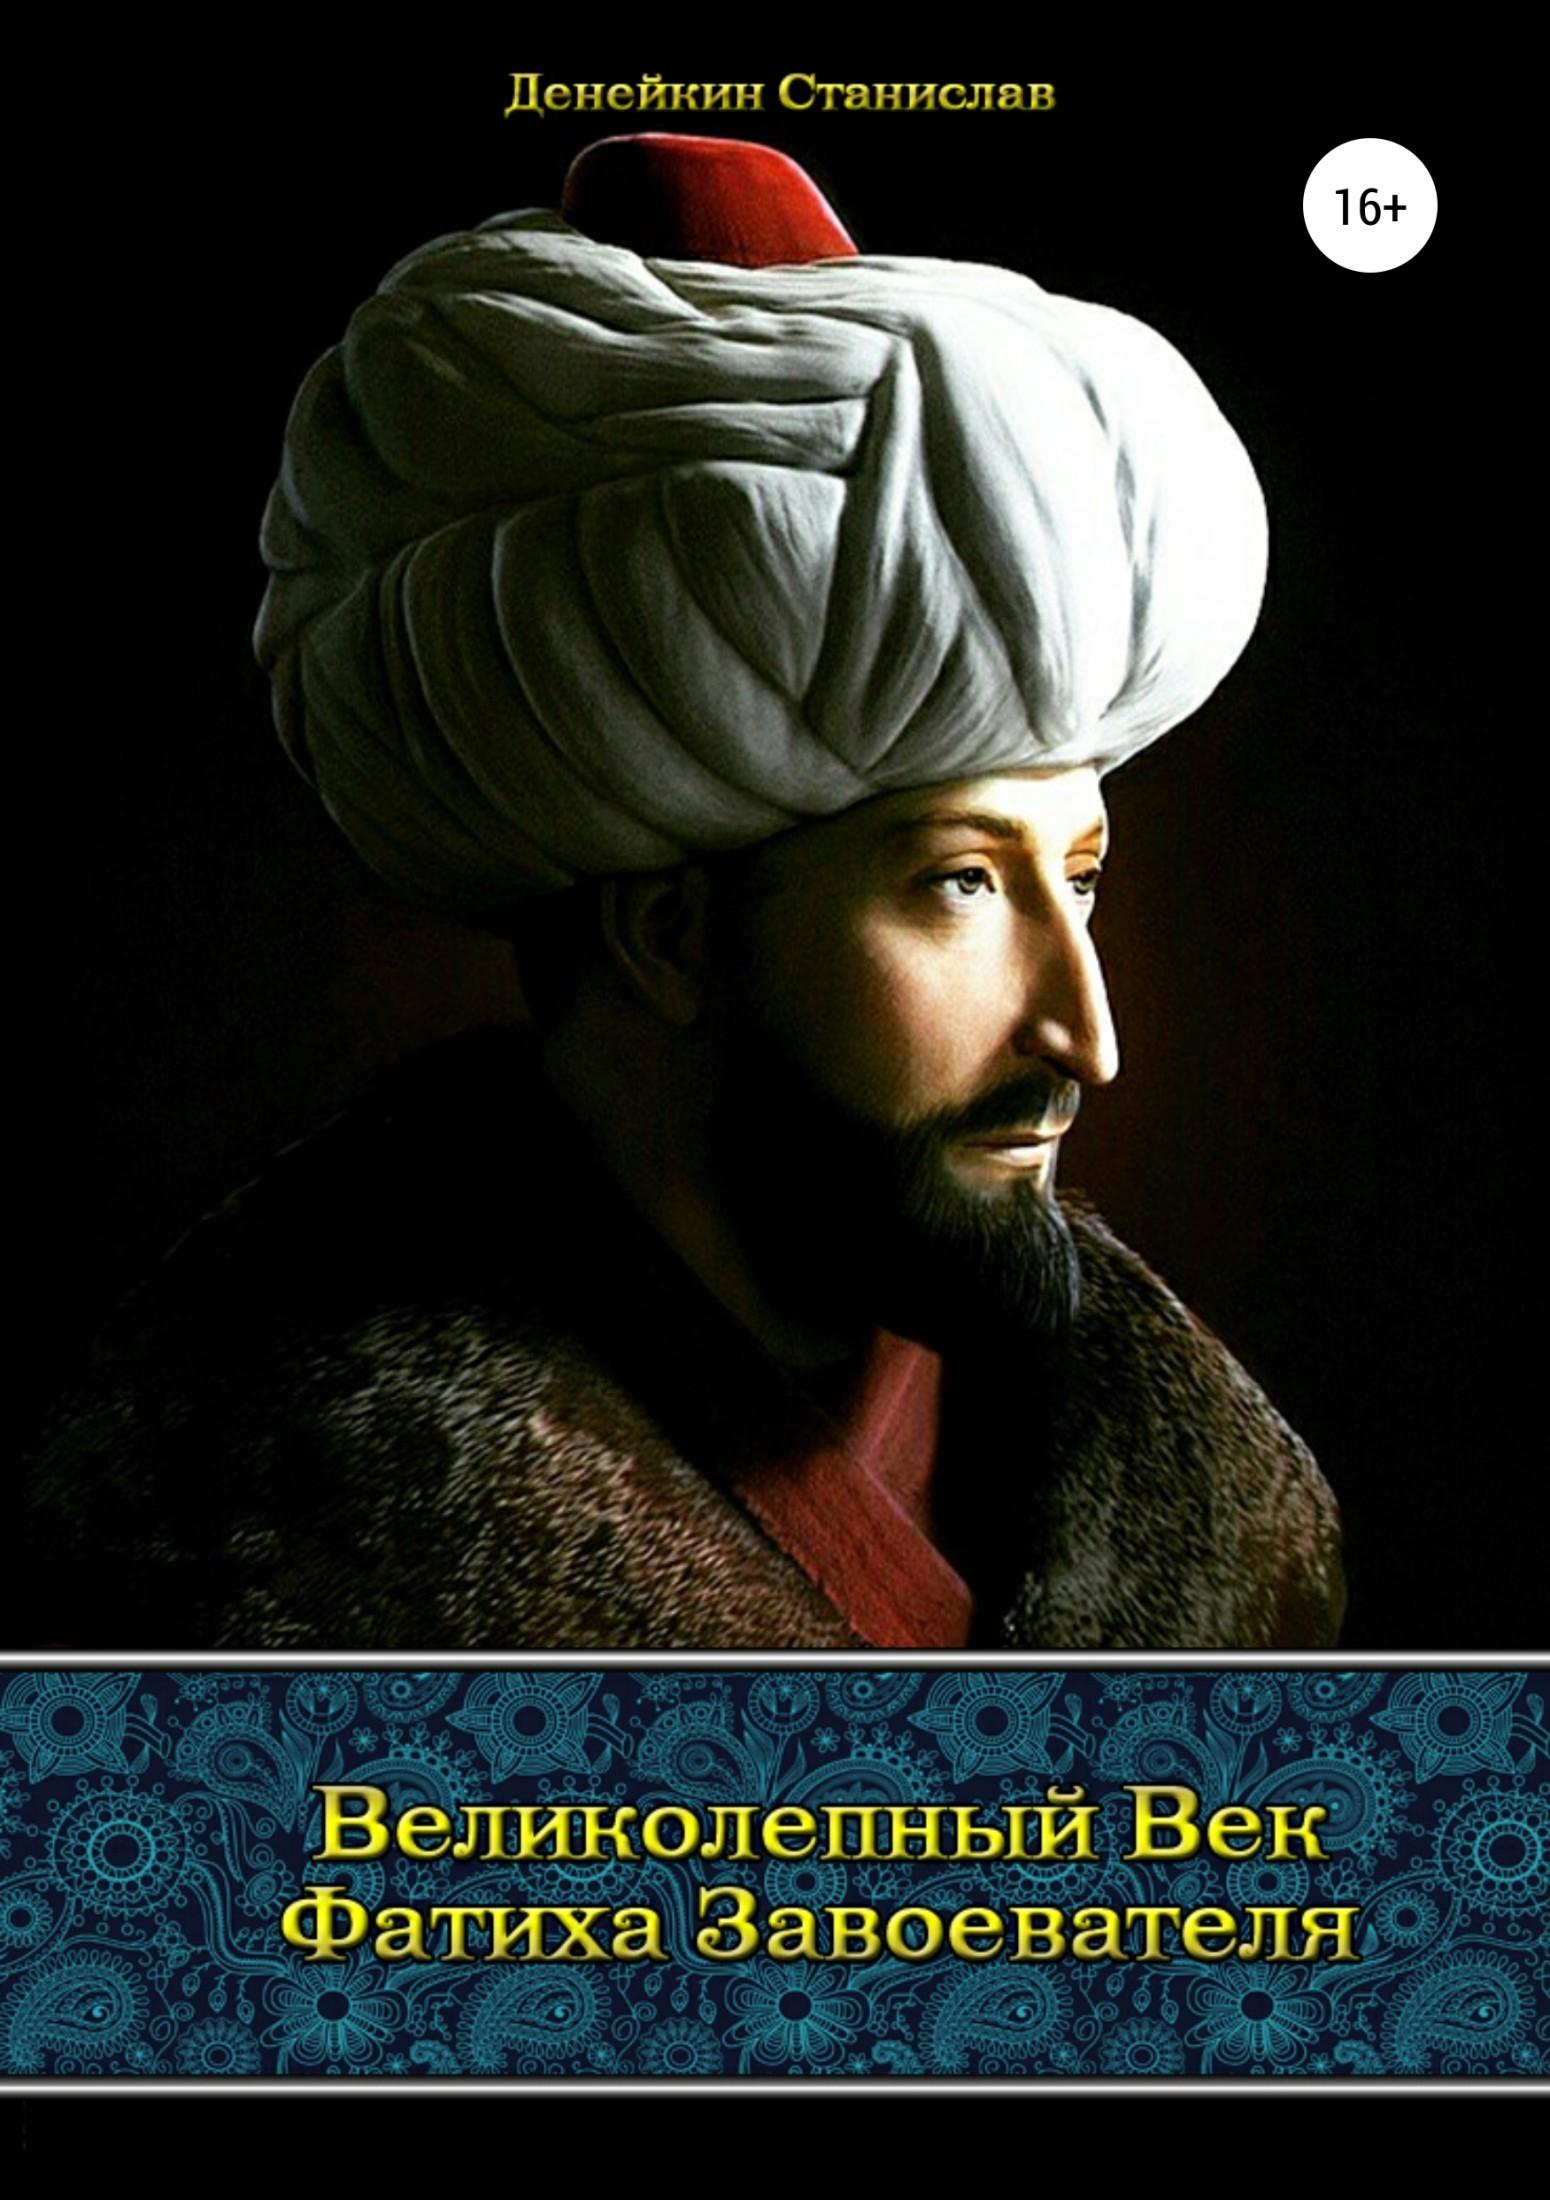 Станислав Денейкин - Великолепный век Фатиха Завоевателя